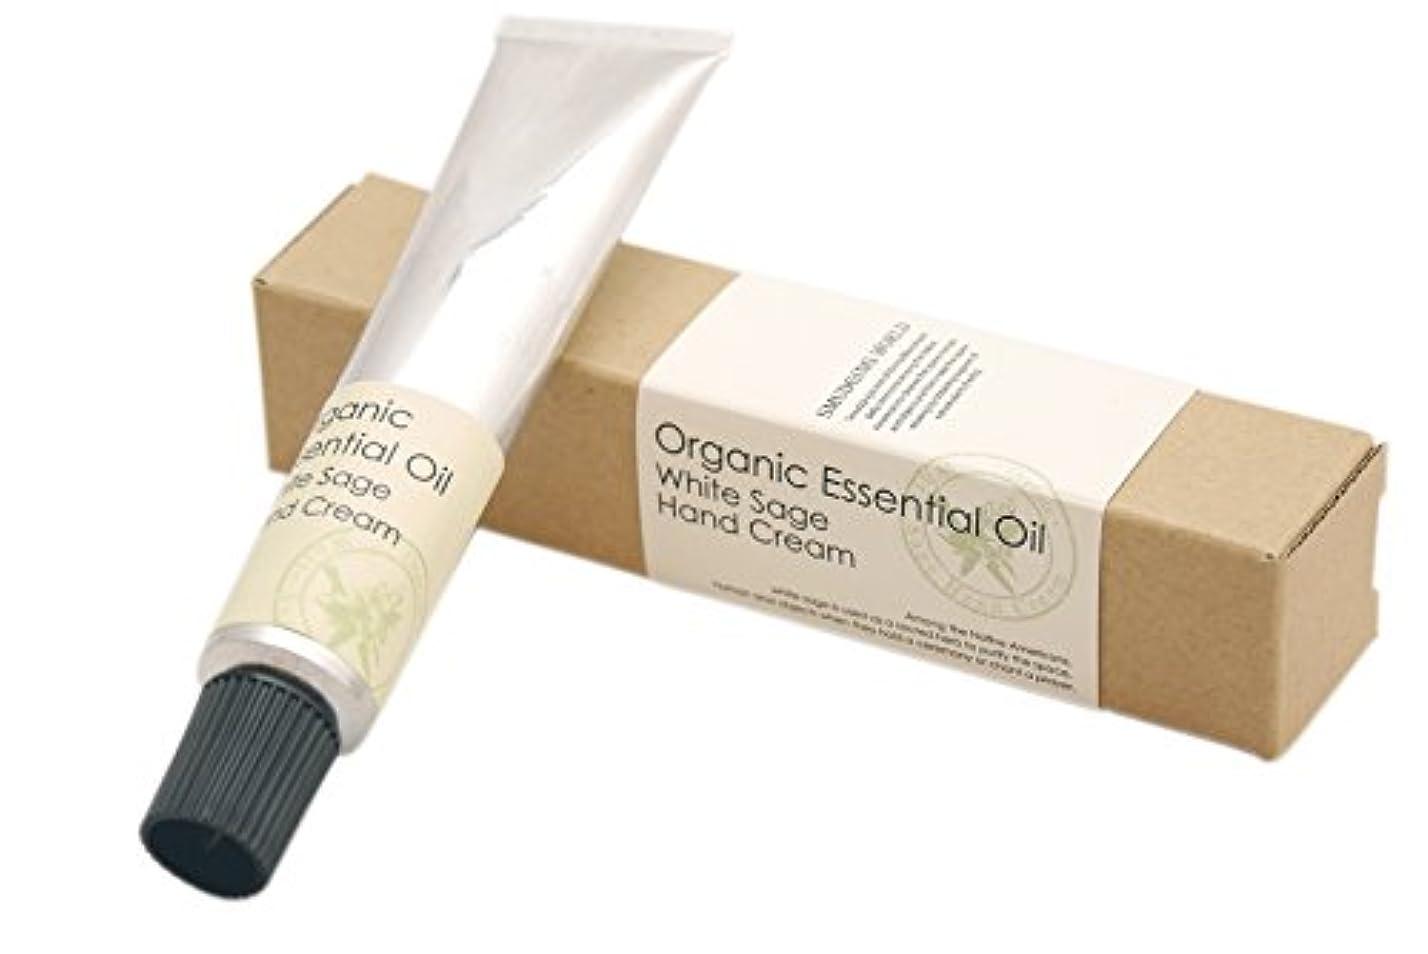 アッパー借りる対応するアロマレコルト ハンドクリーム ホワイトセージ 【White Sage】 オーガニック エッセンシャルオイル organic essential oil hand cream arome recolte